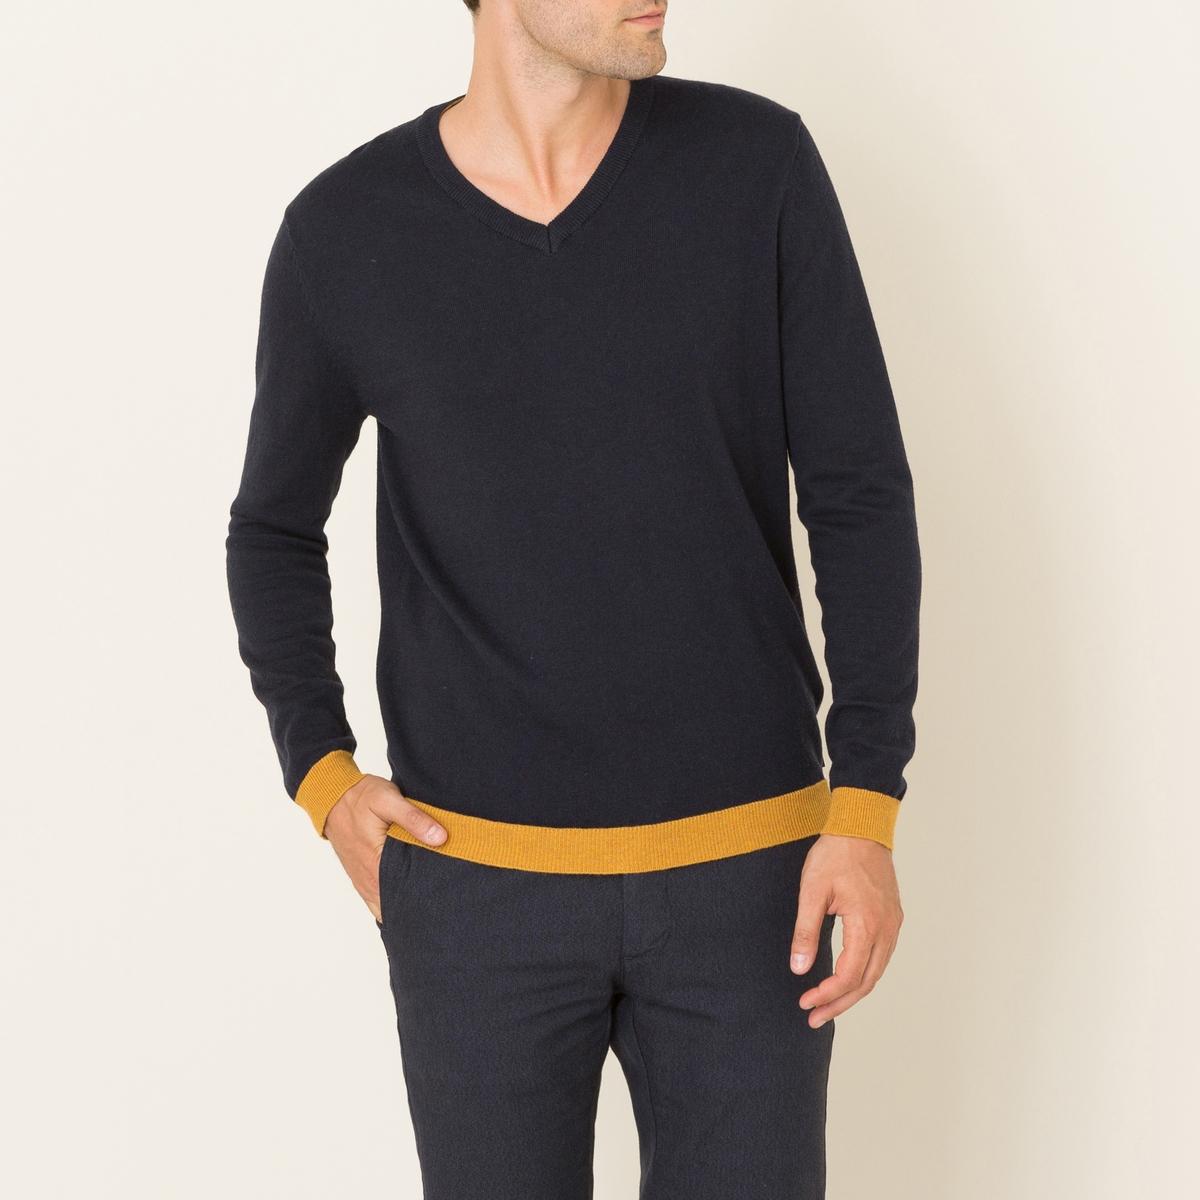 Пуловер SALTOПуловер HARRIS WILSON - модель SALTO. Разноцветный рисунок. V-образный вырез. Детали контрастного цвета : вырез, локти, манжеты и низ. Состав и описание Материал : 70% хлопка, 30% шерстиМарка : HARRIS WILSON<br><br>Цвет: темно-синий